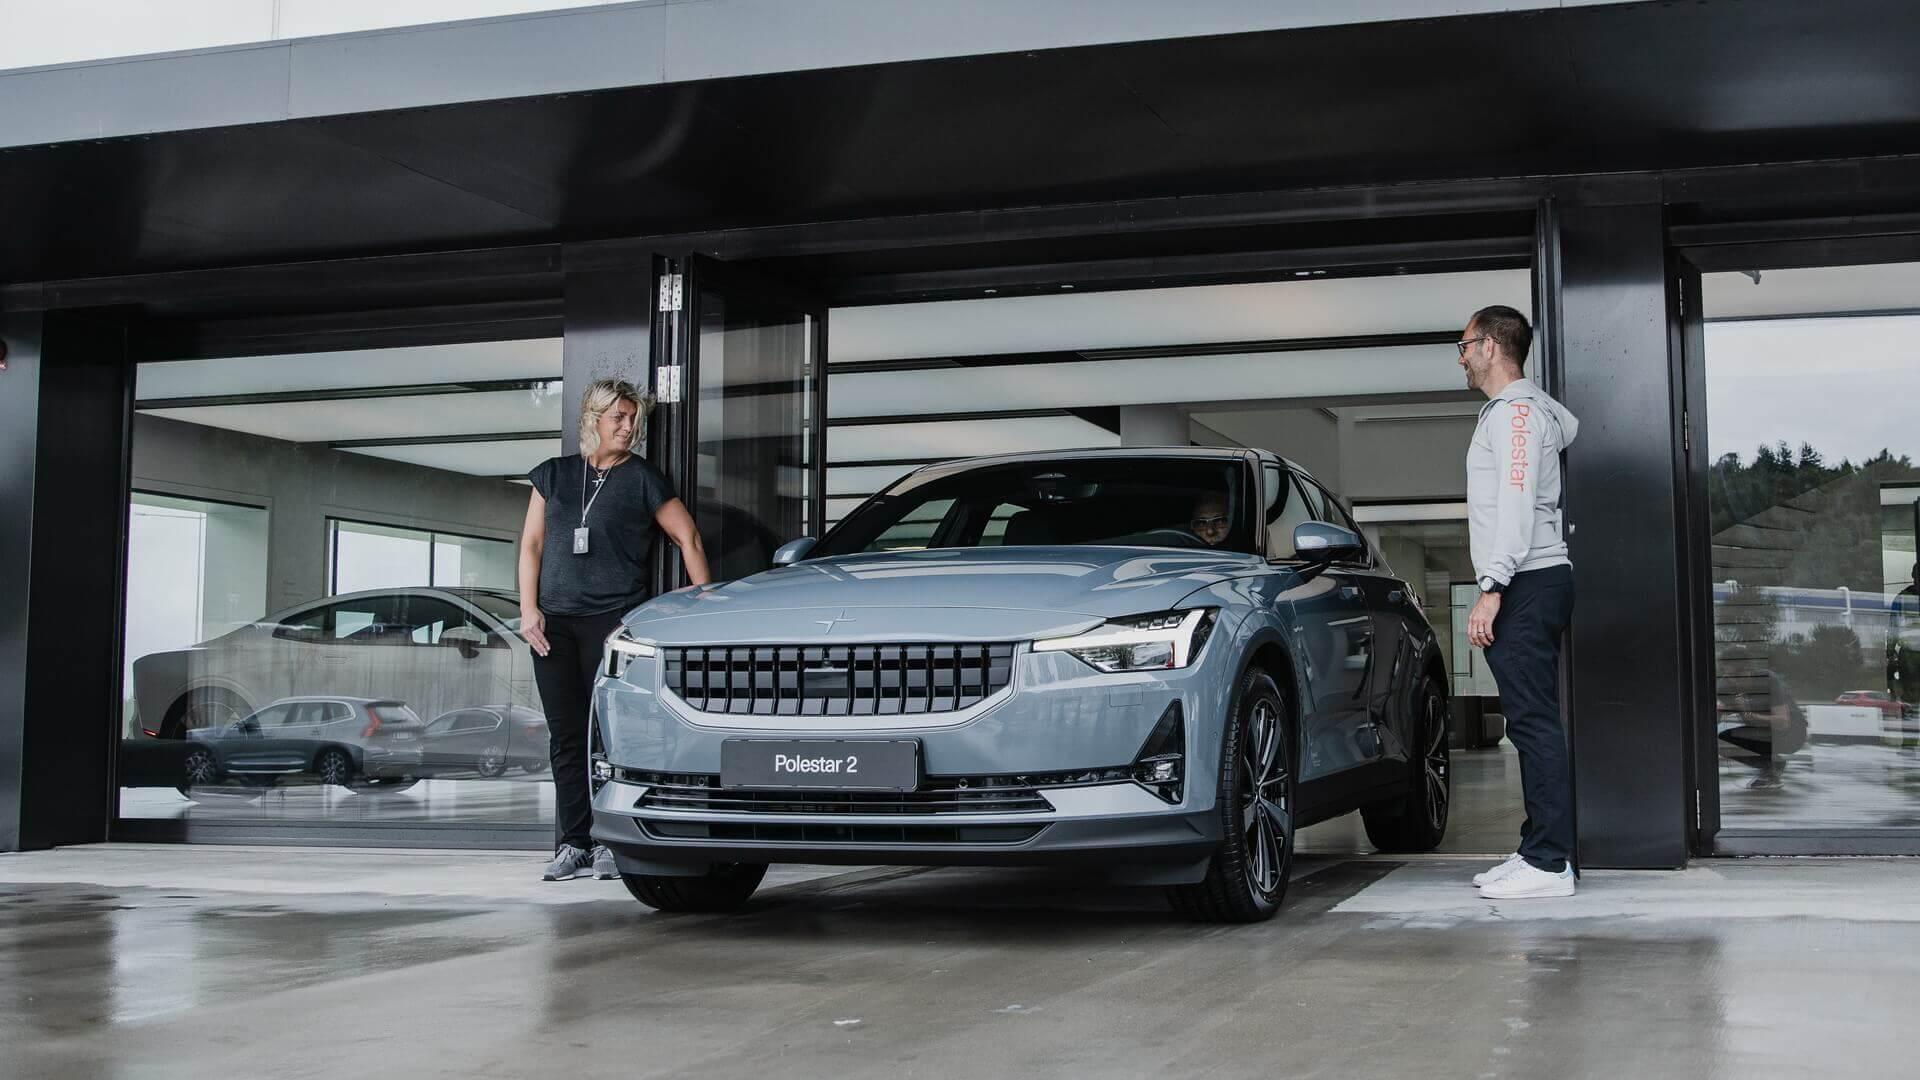 В Европе начались первые поставки Polestar 2 и все автомобили отозваны производителем